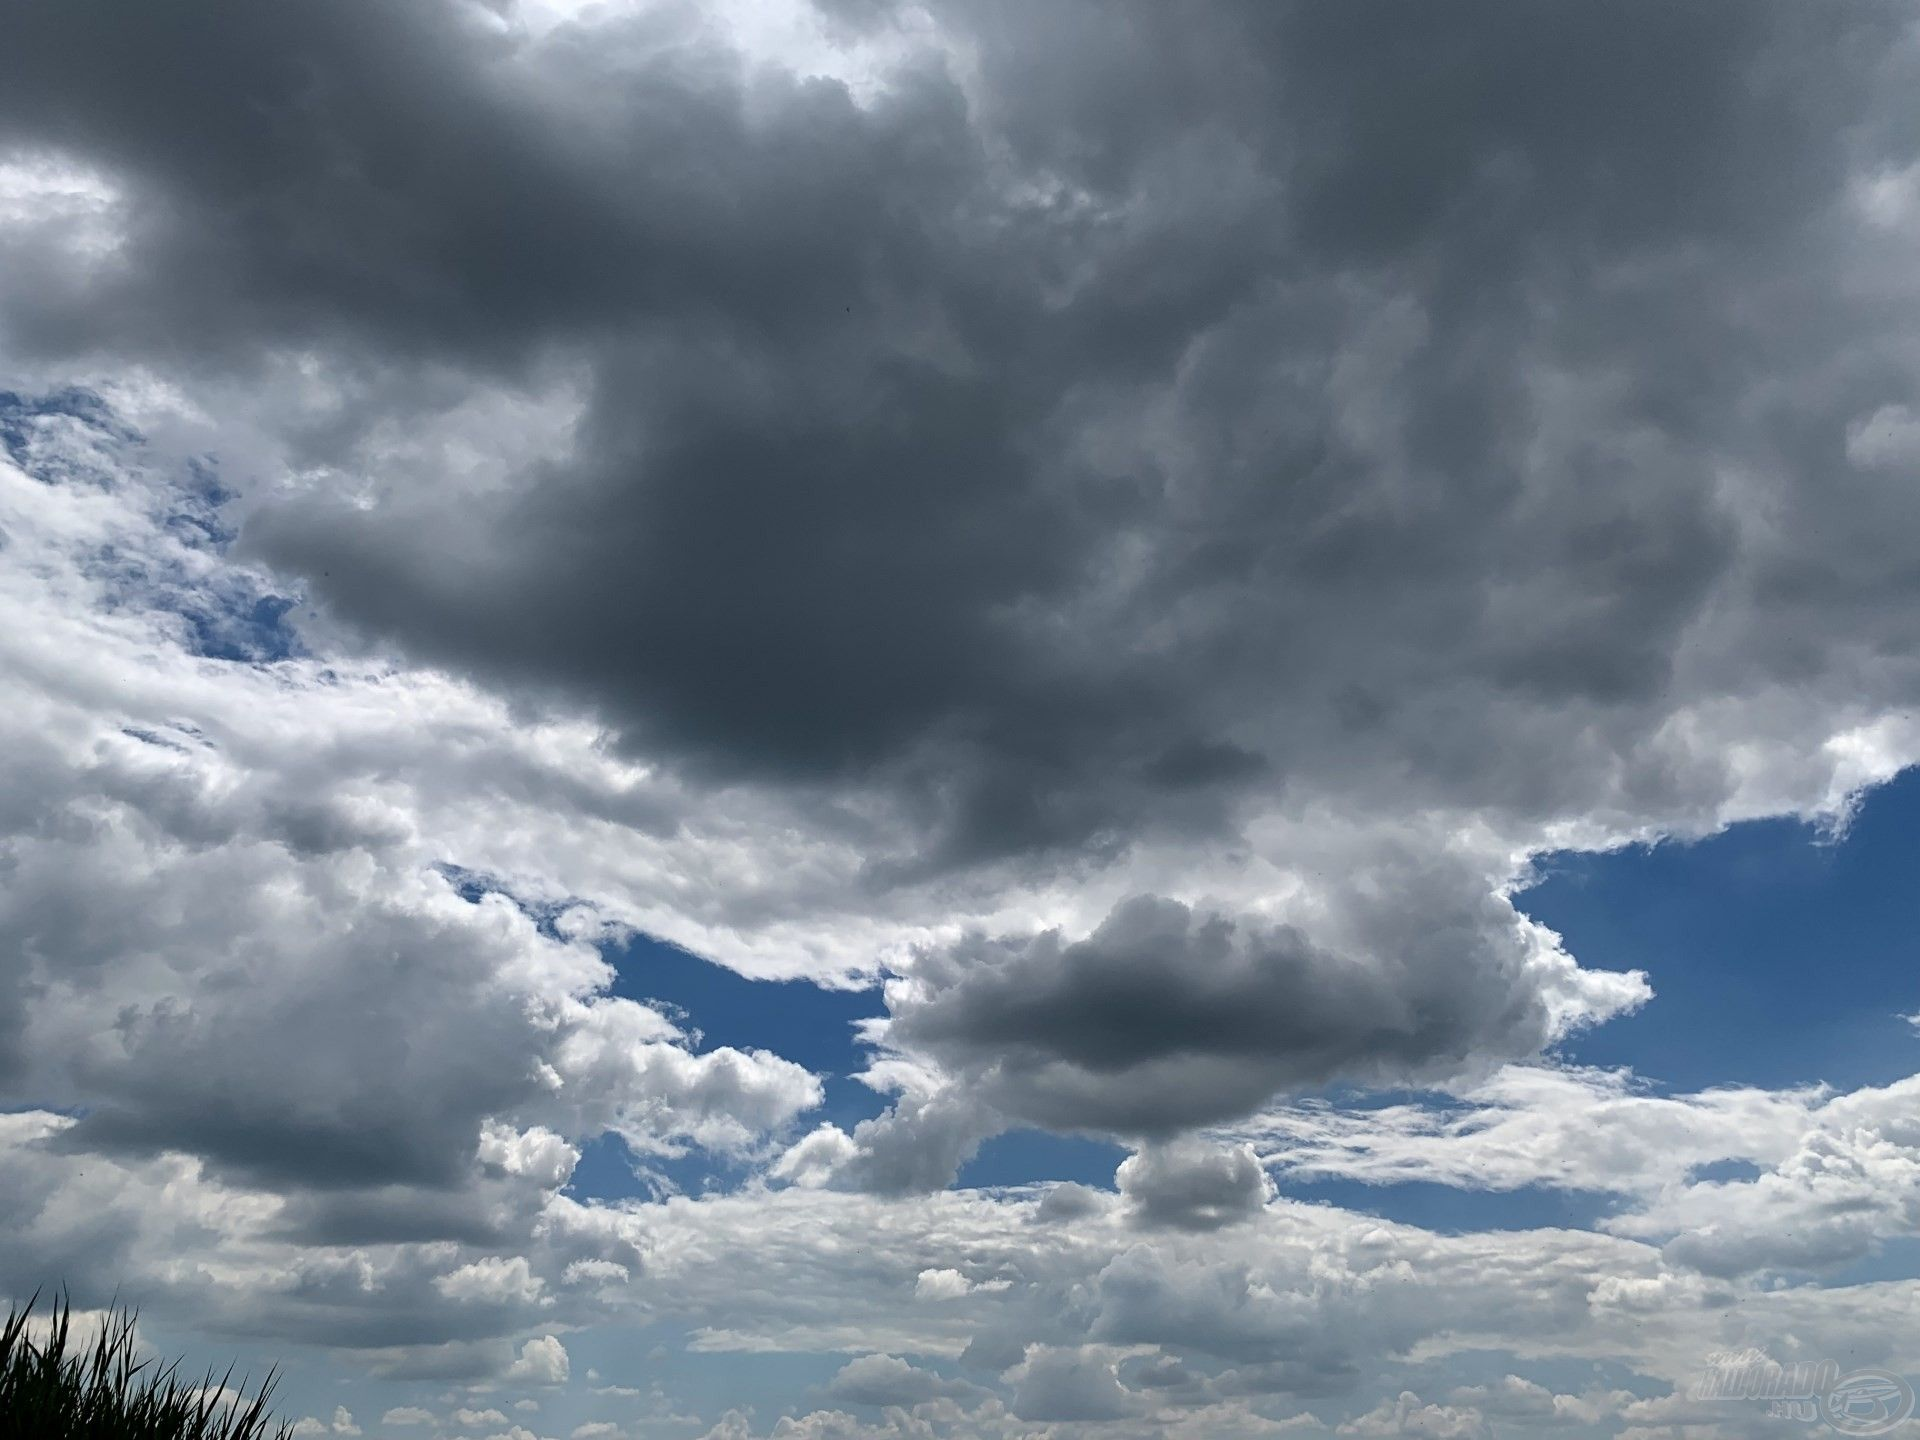 Ha ilyen felhők tornyosulnak az égen, és a szél is fúj, jó eséllyel csalhatók horogra a legnagyobb bányatavi pontyok is